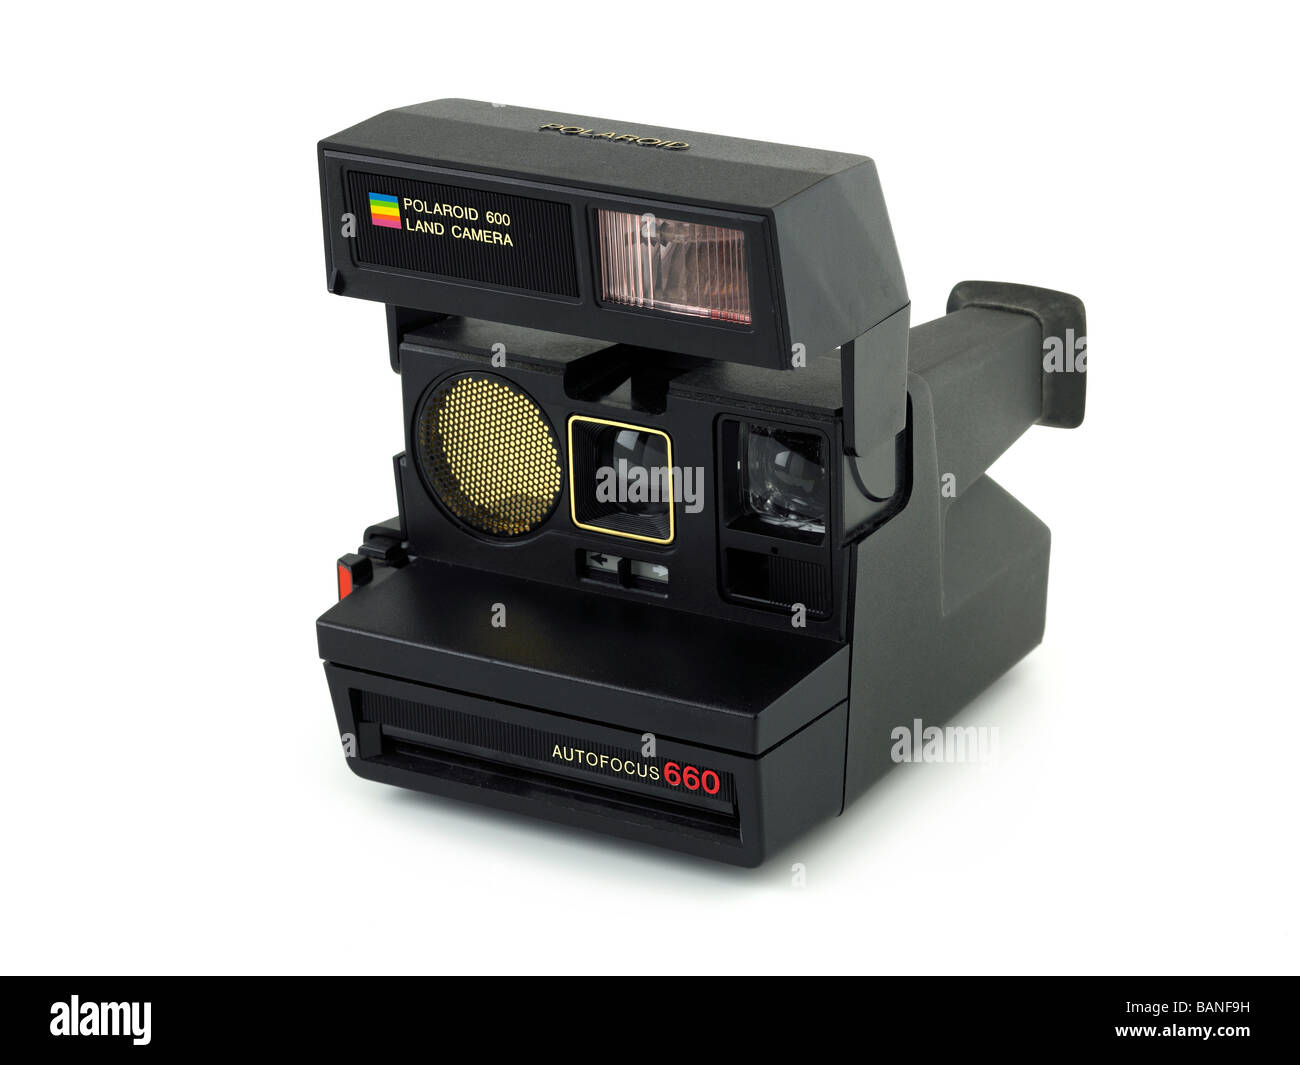 Polaroid camera Stock Photo: 23829949 - Alamy